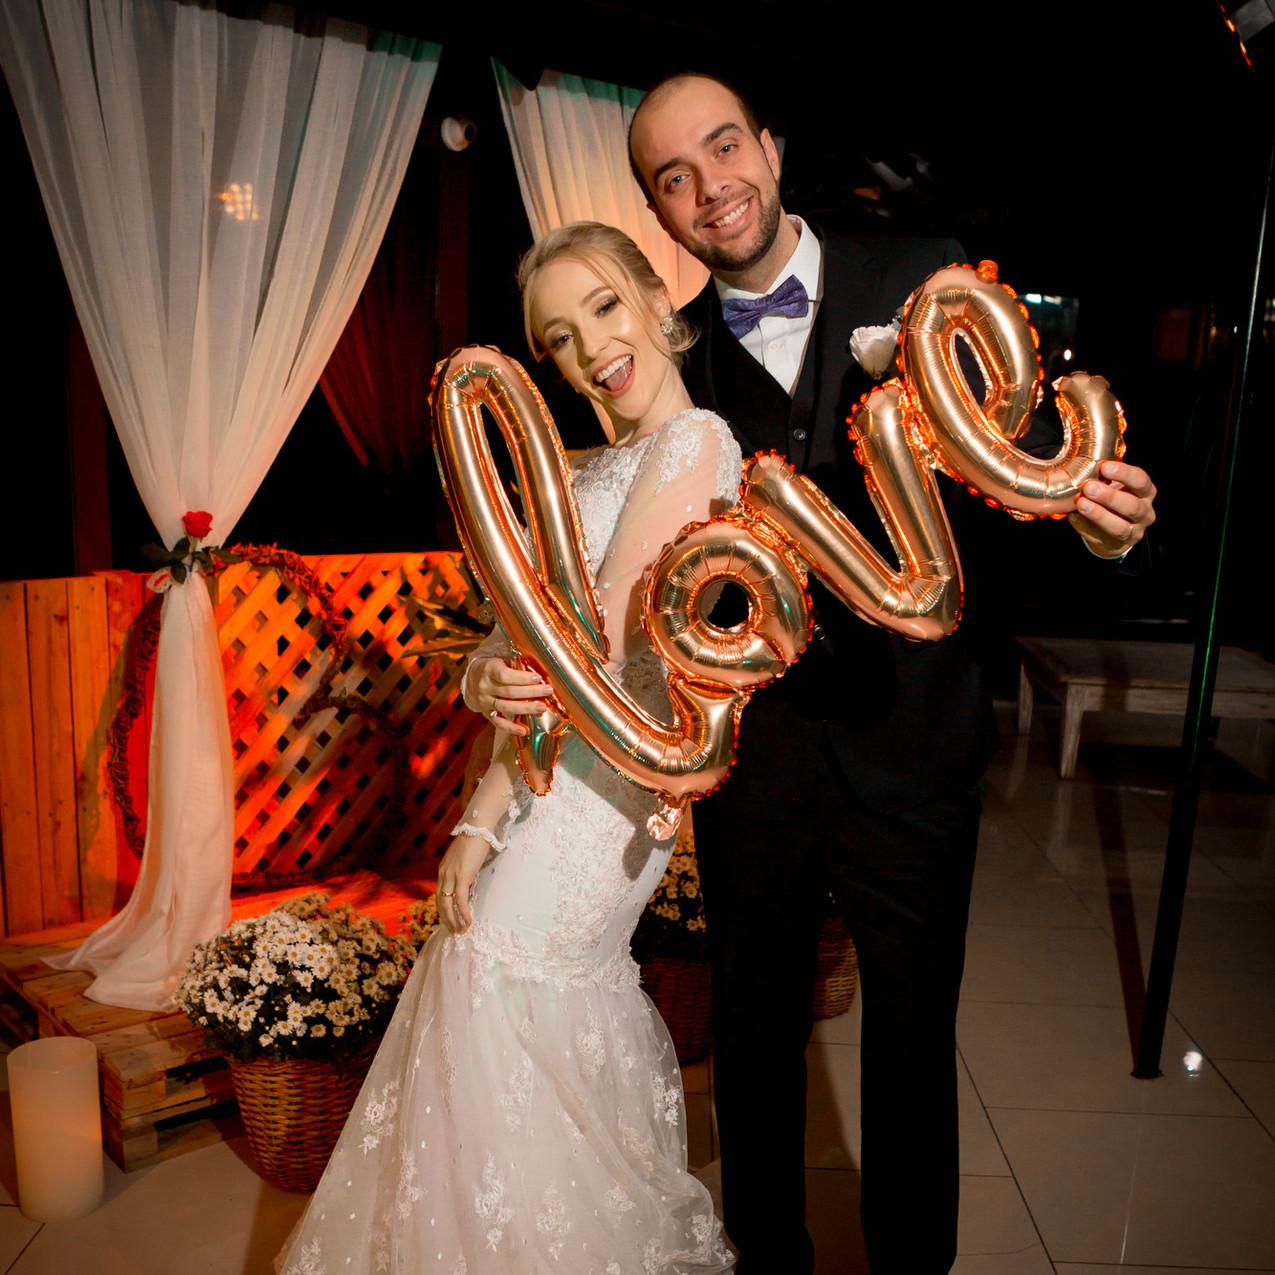 BeR-0965-fotografo-casamento-wedding-gotadagua-rustico-brunaeraul-boho-diy-portoalegre-daniel-martins